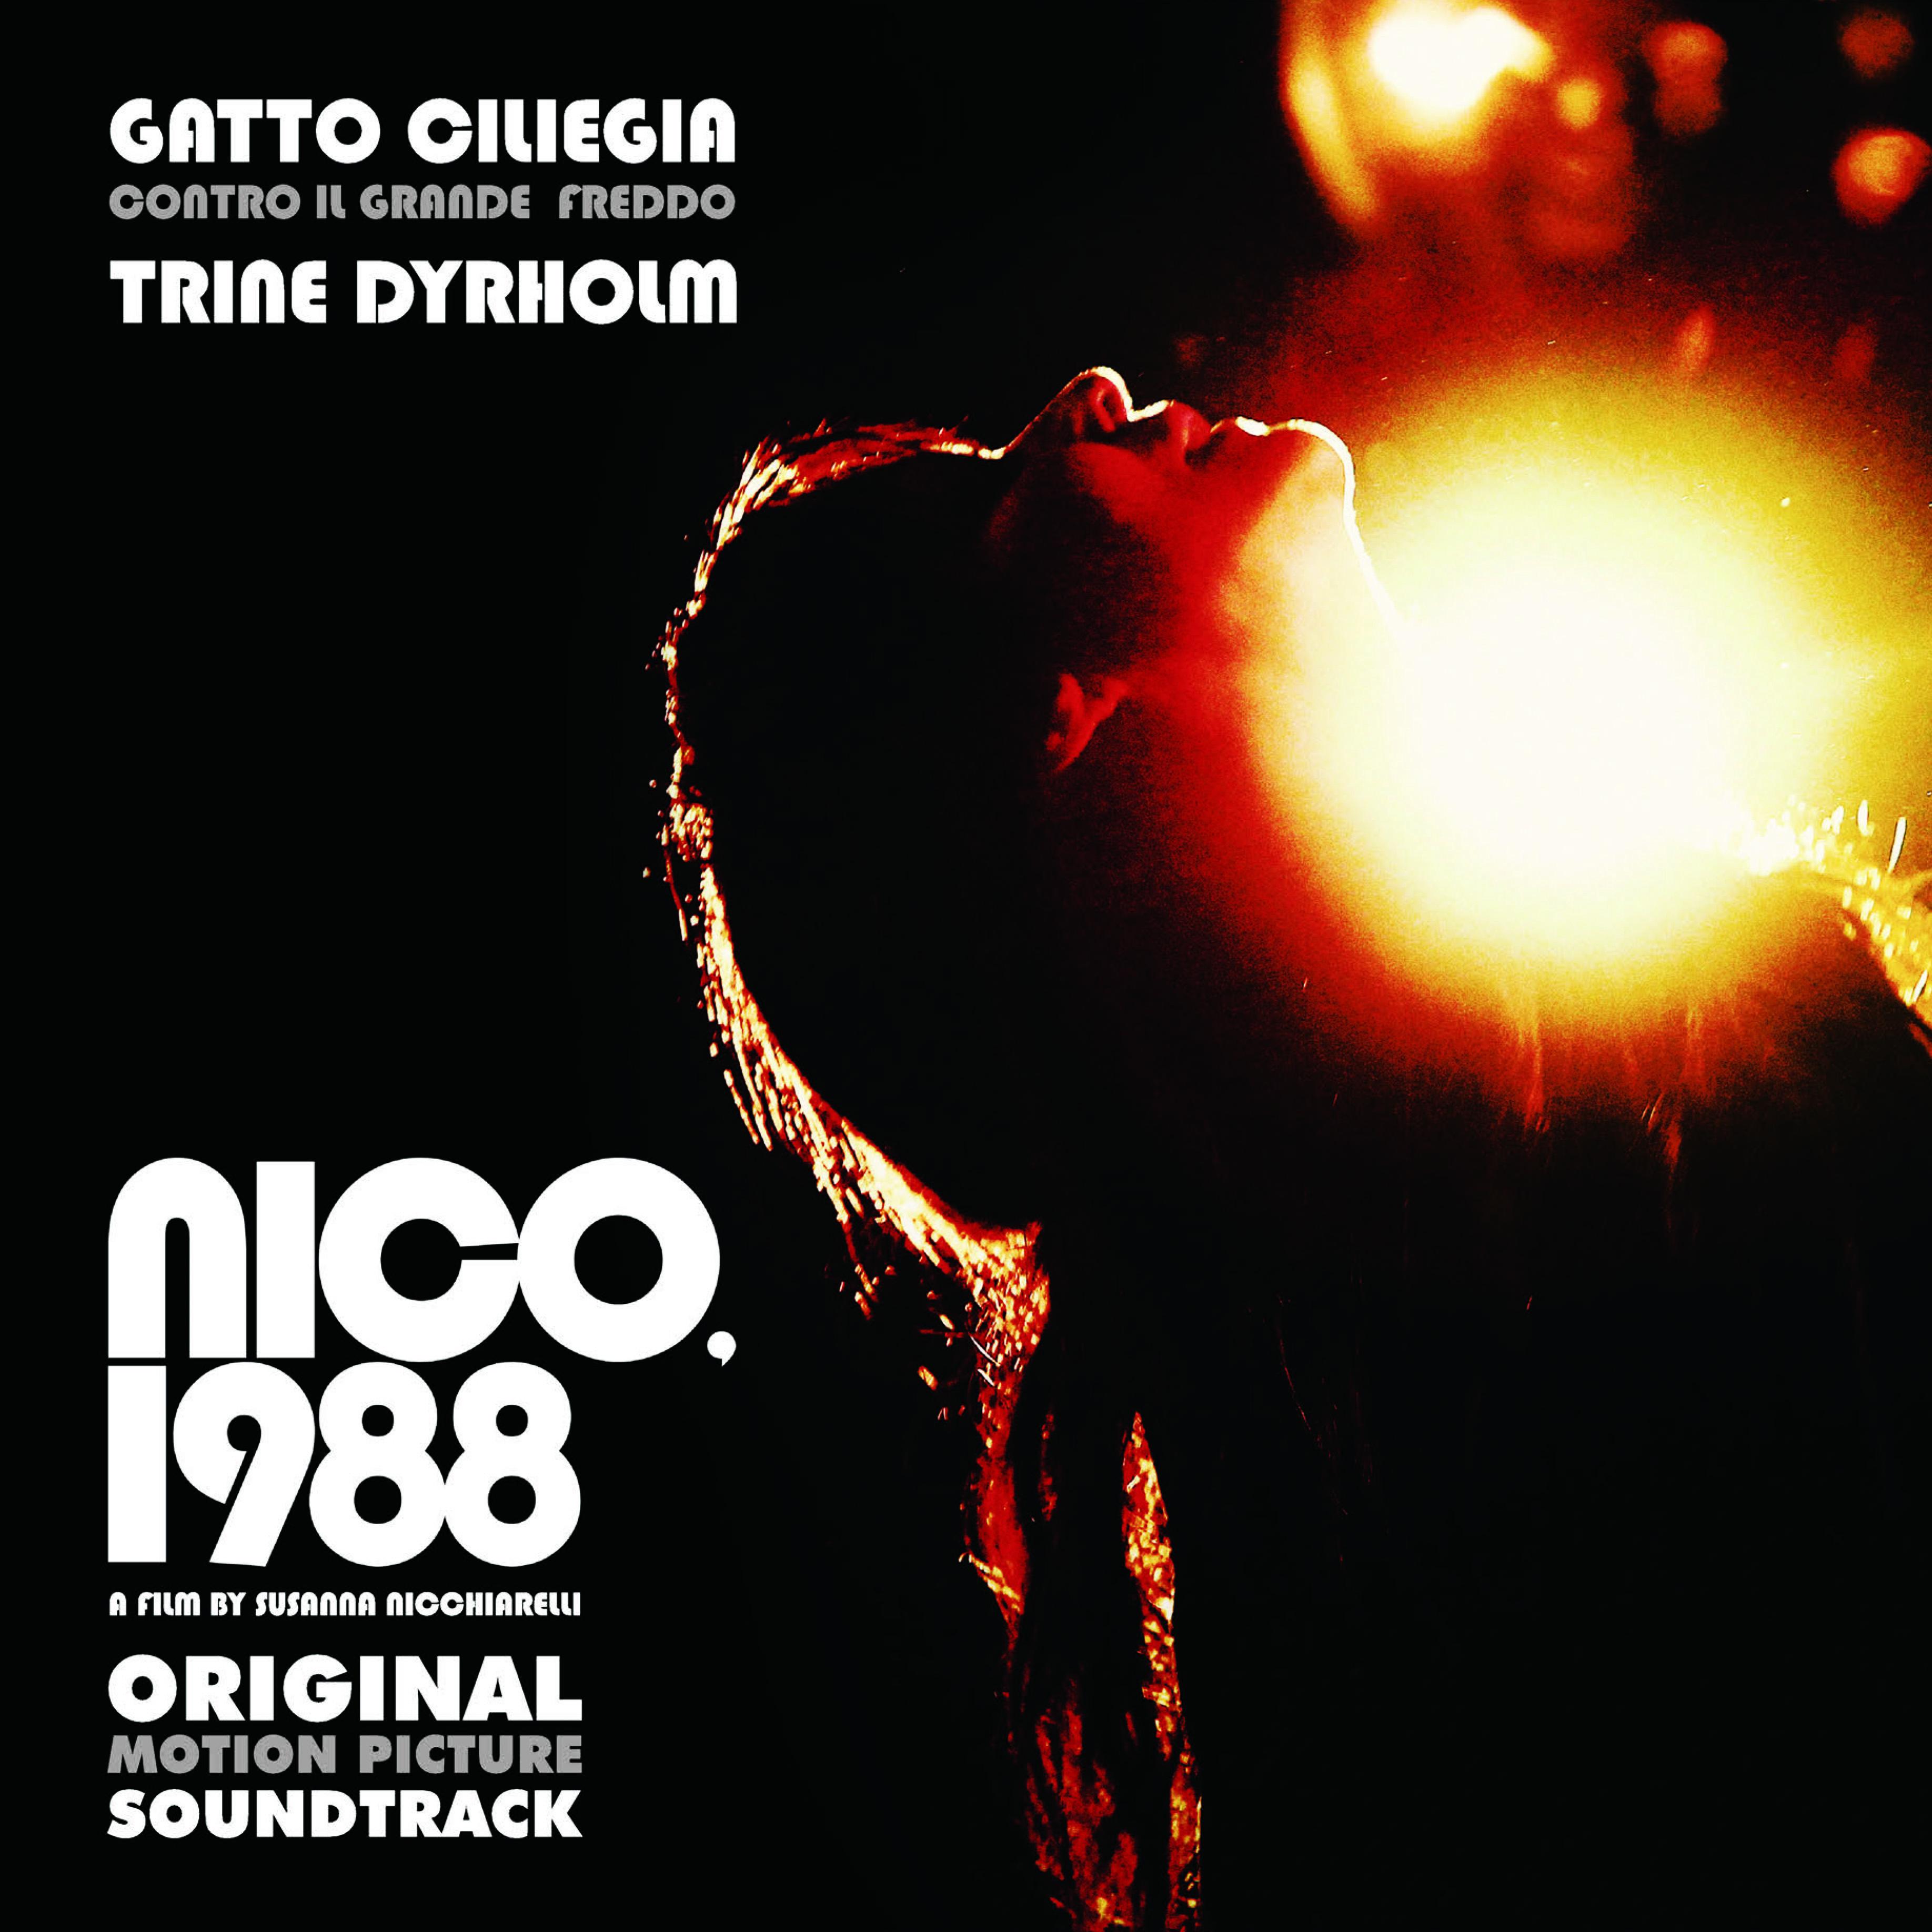 Front Cover -- Gatto Ciliegia Nico 1988 bauletto